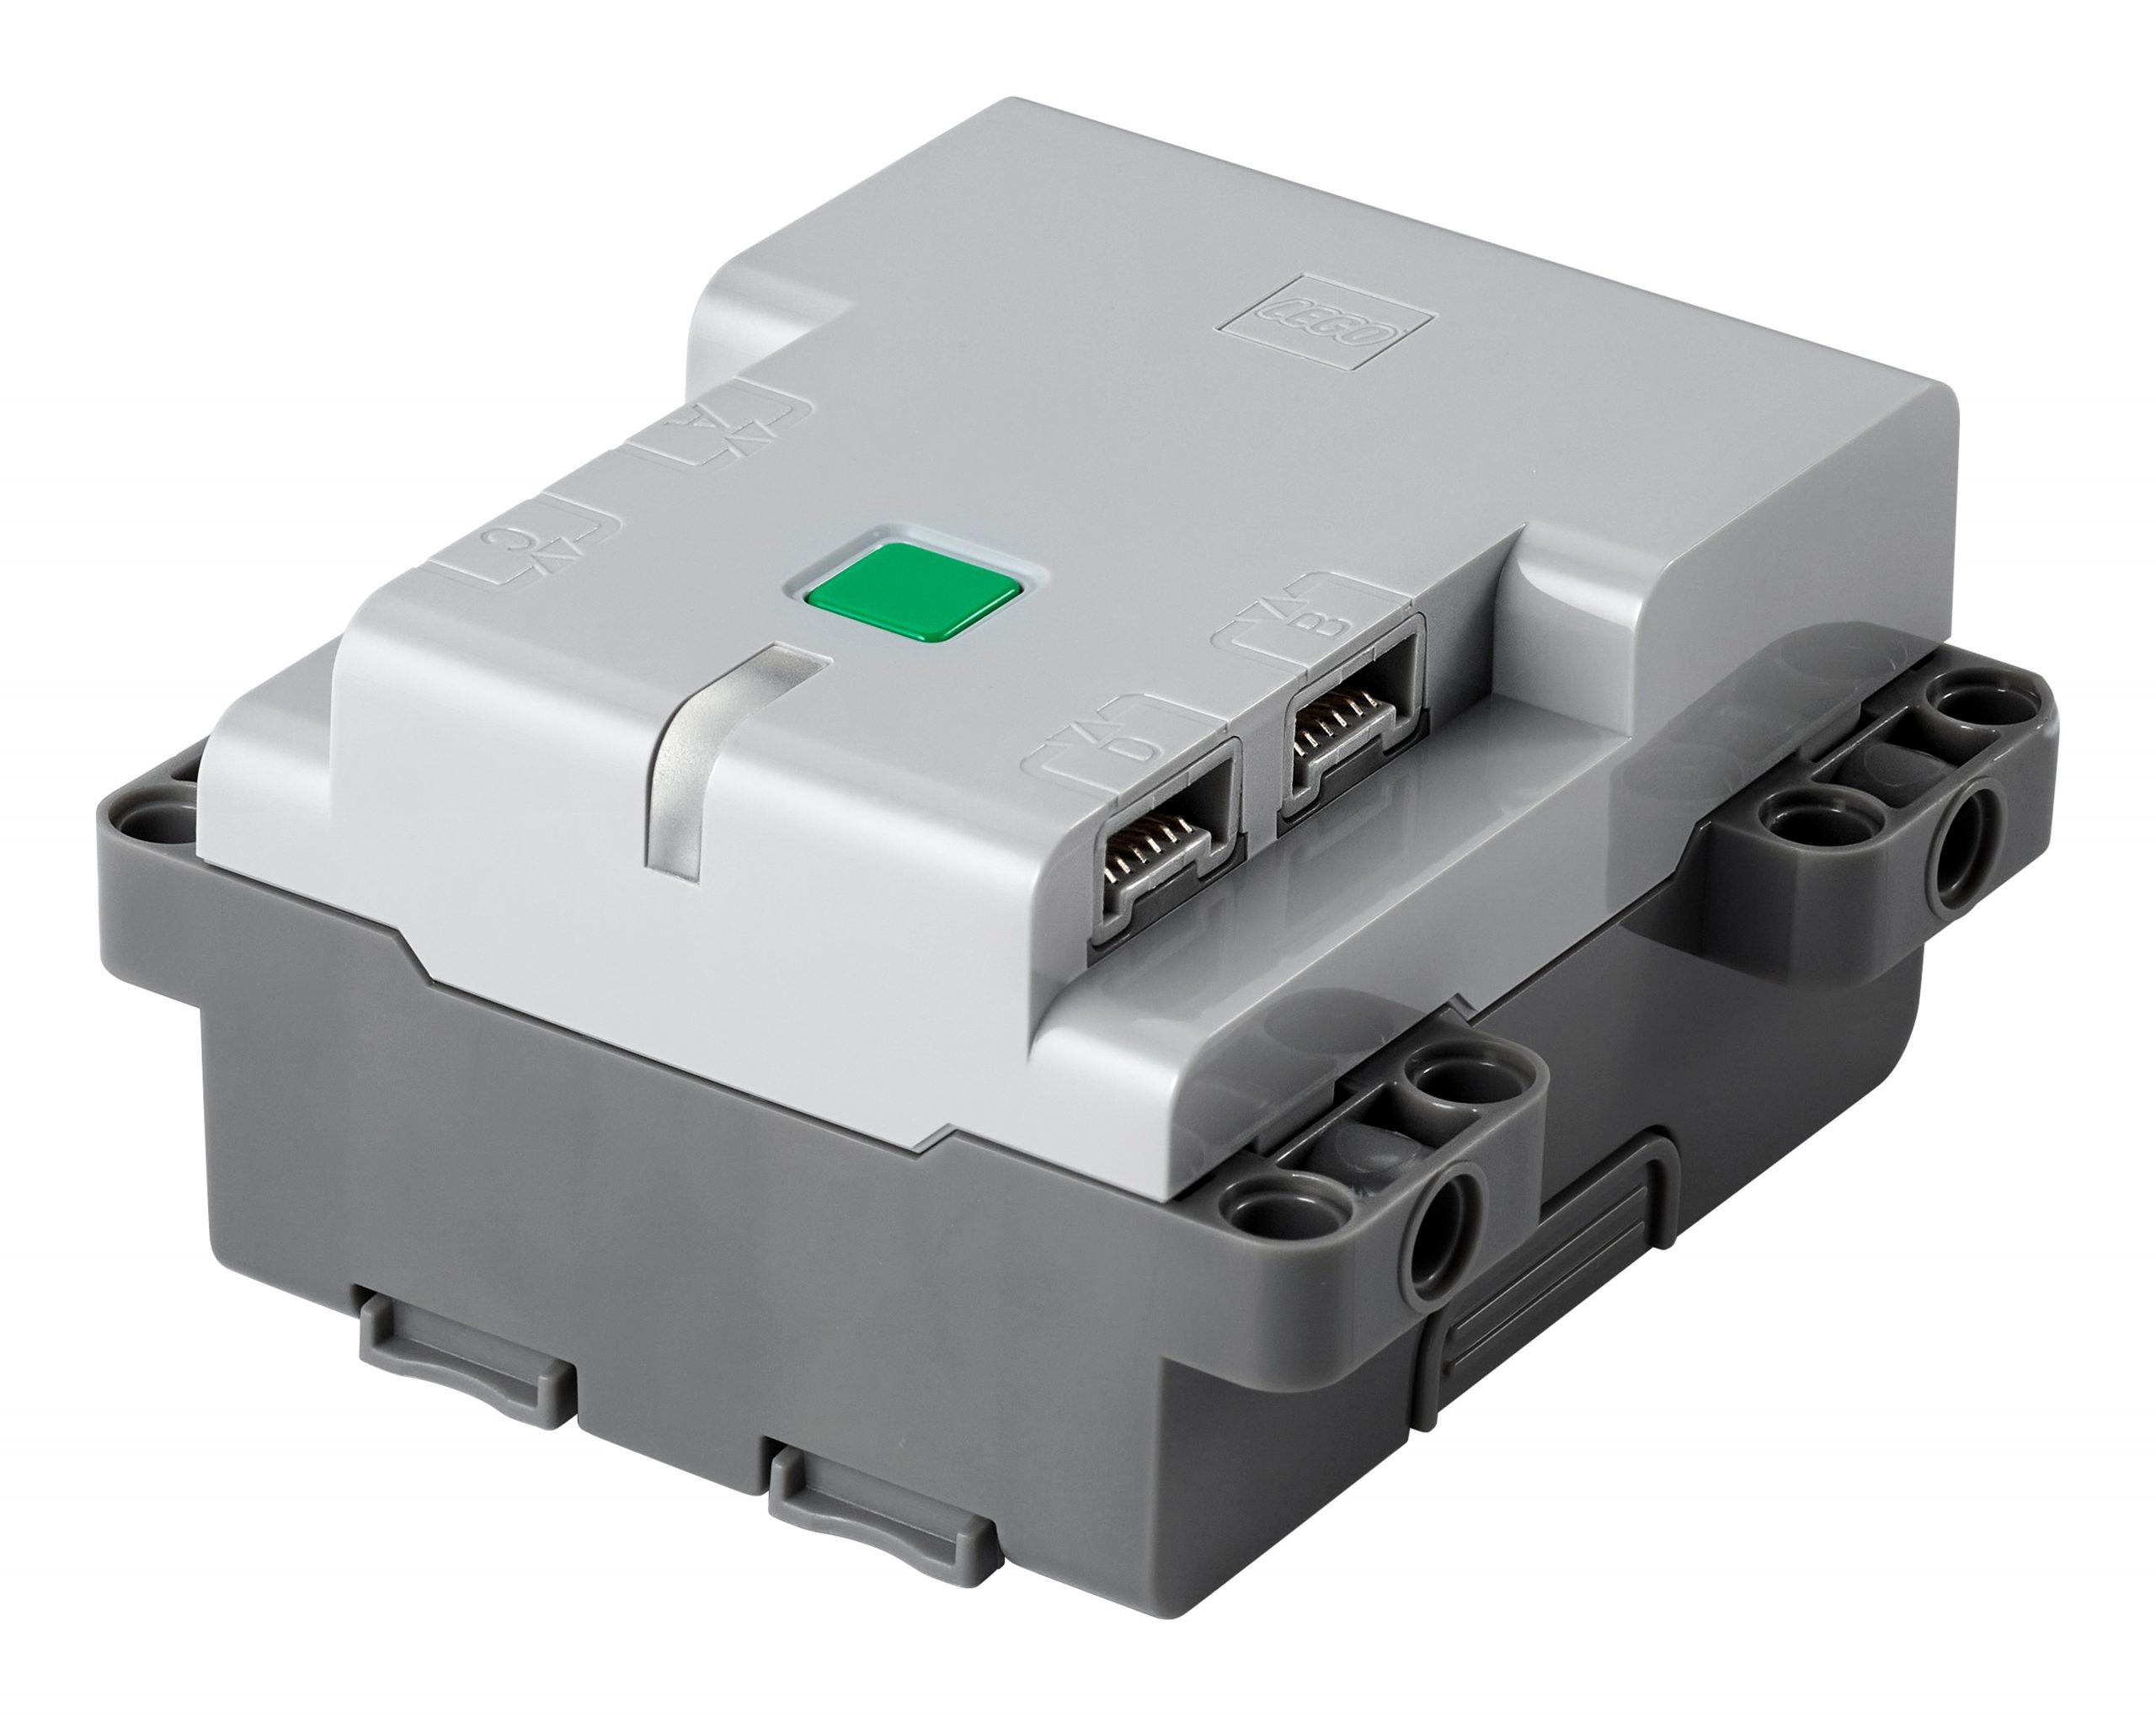 lego 88012 technic hub scaled